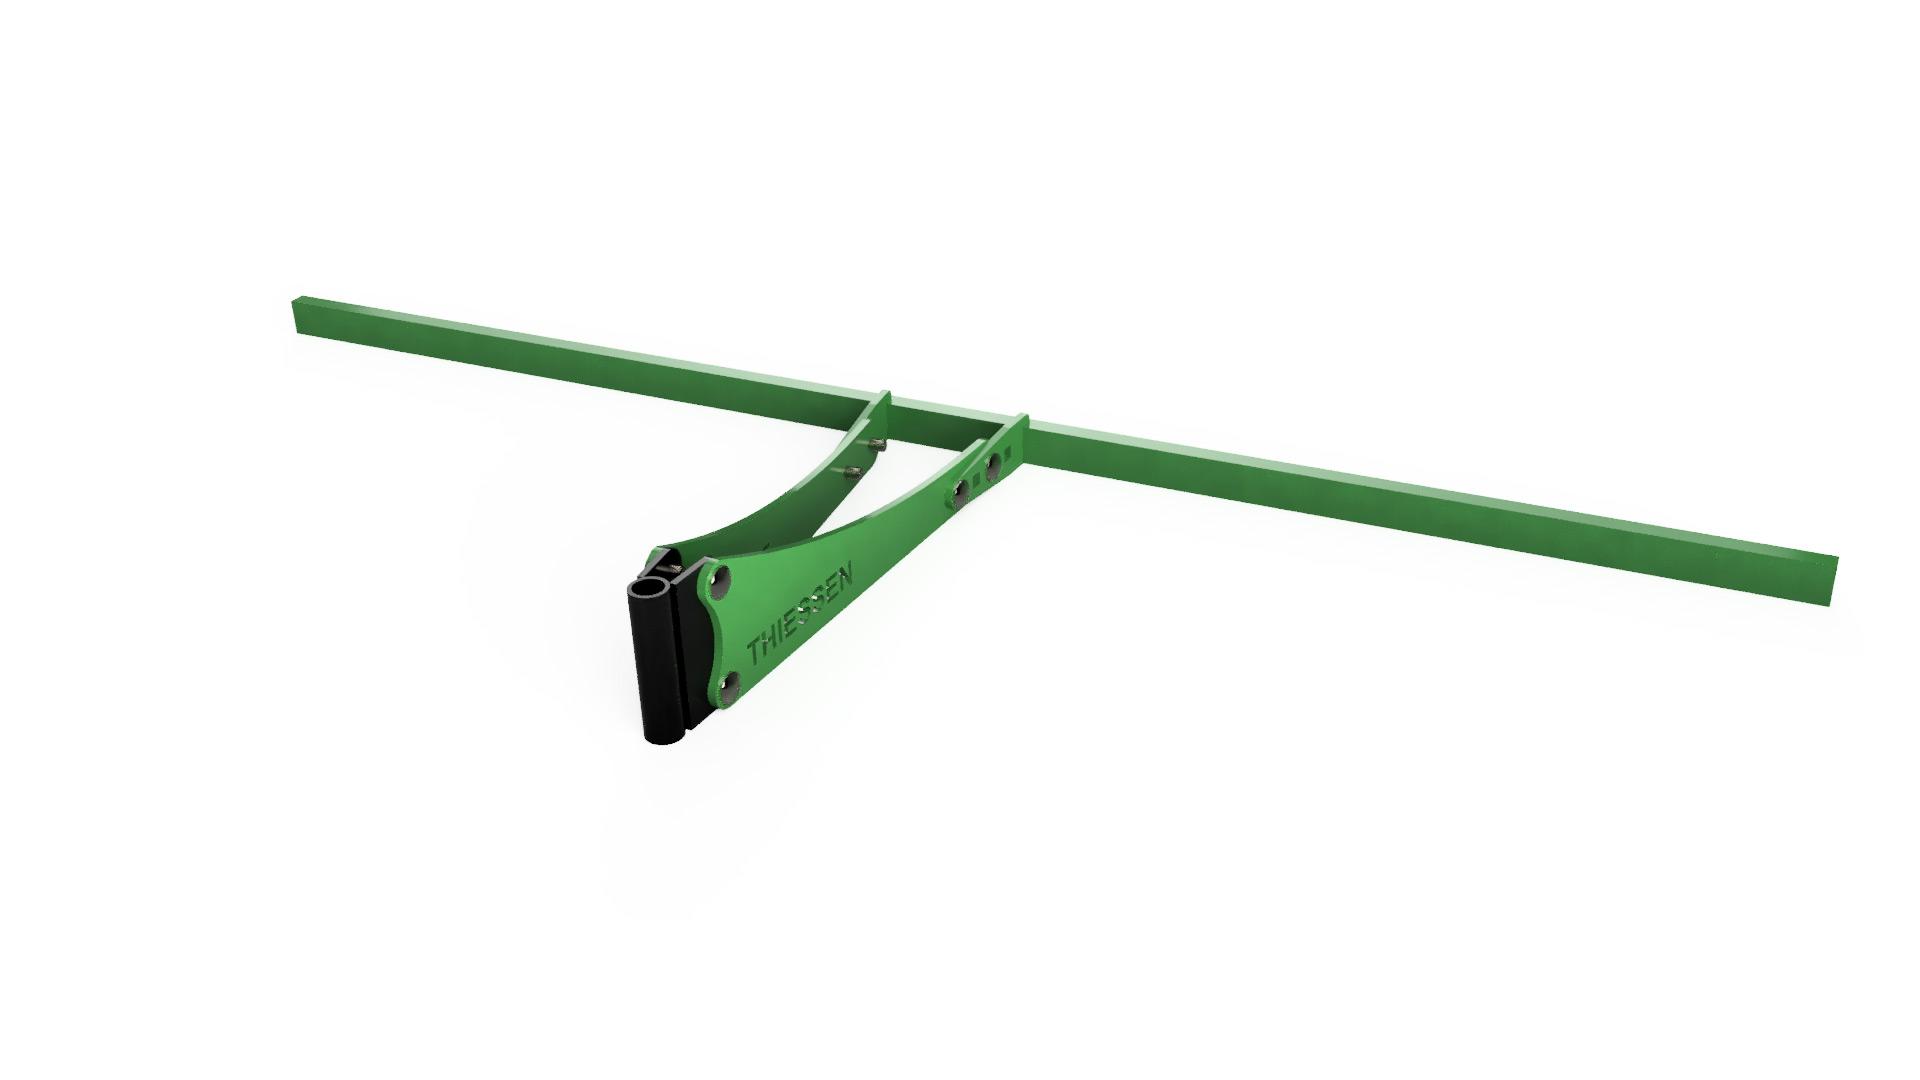 Planet Junior Toolbar 52 inch - Thiessen